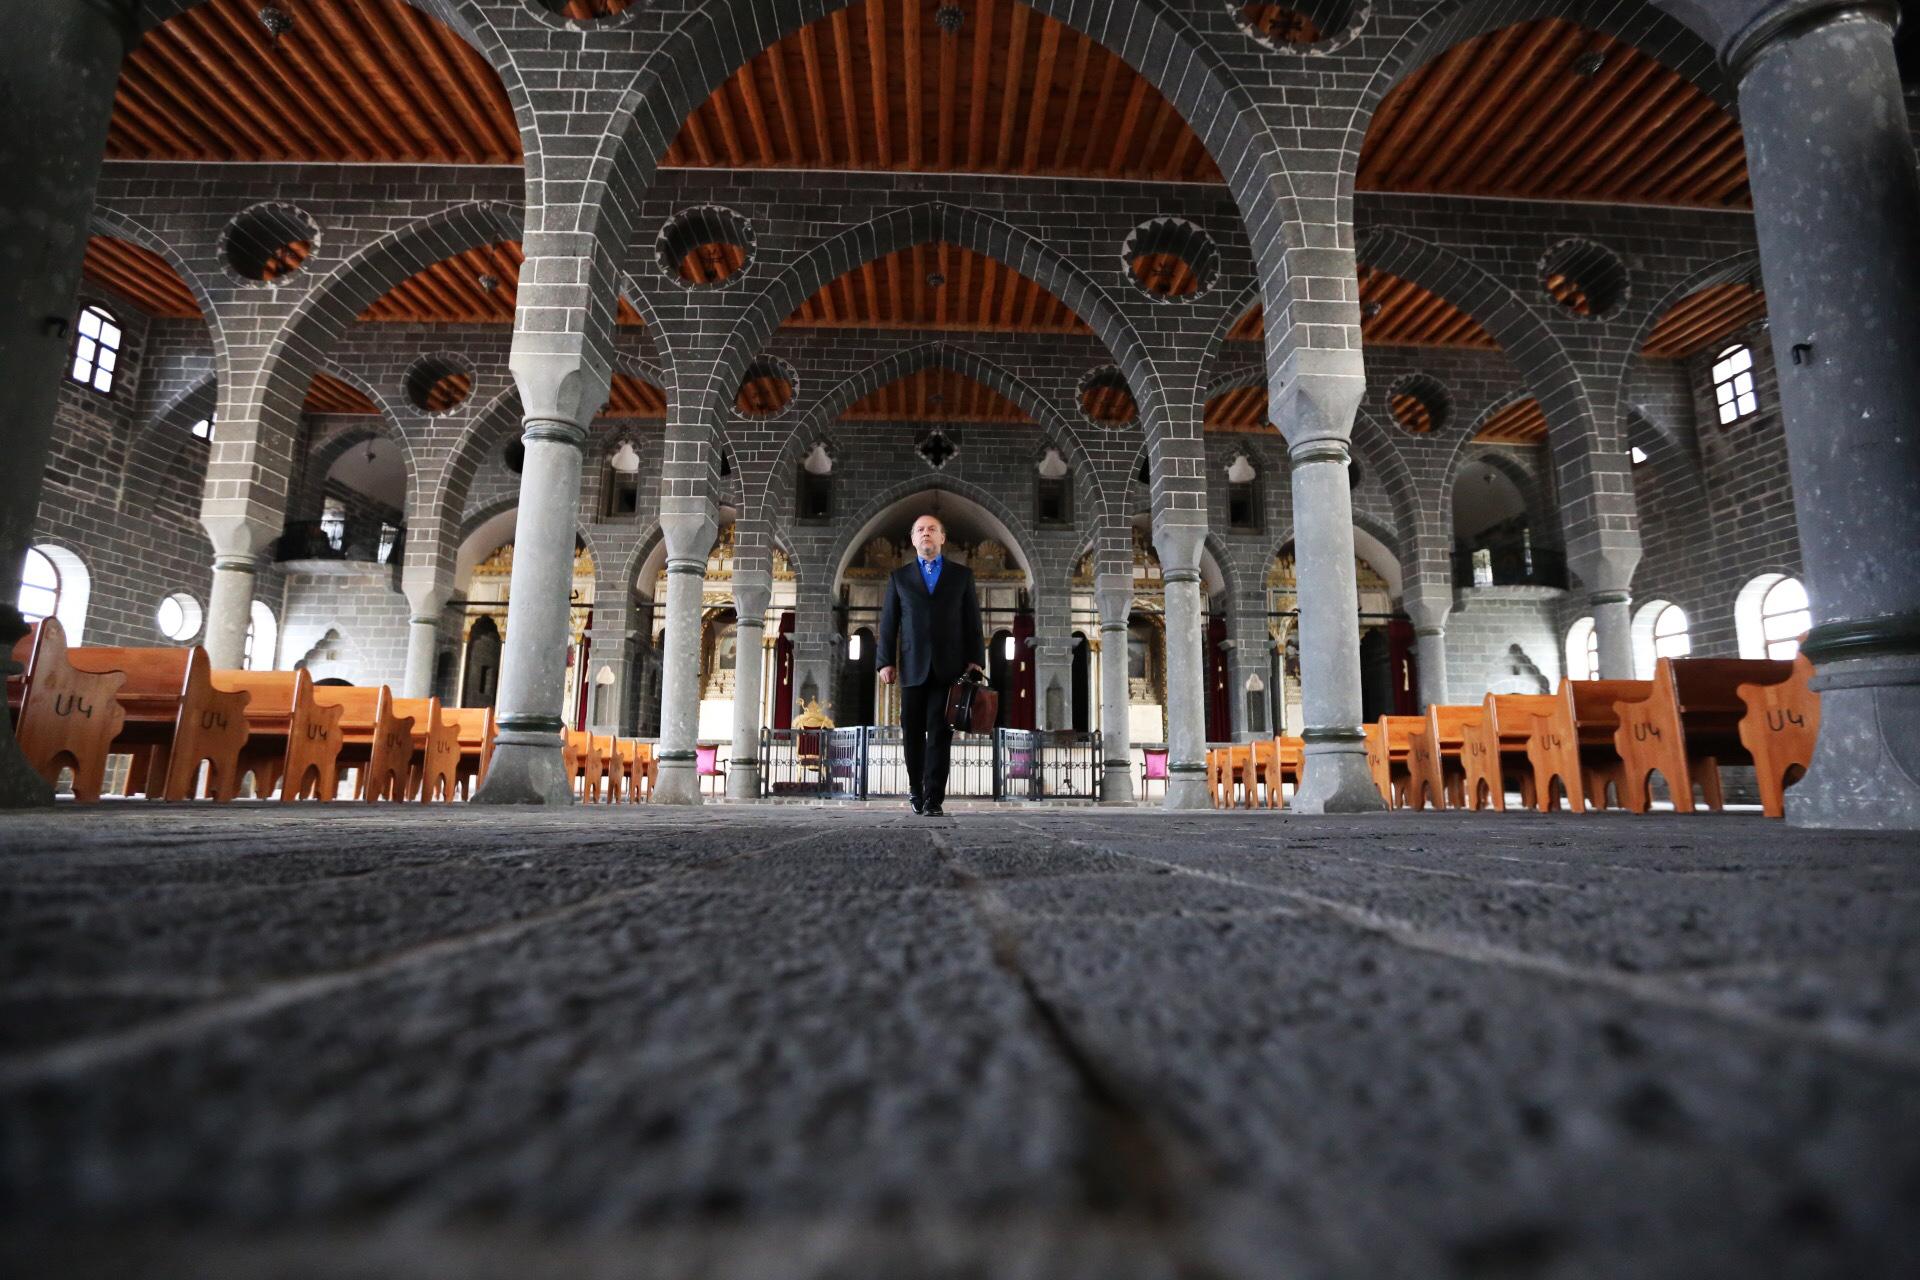 Before recital at Surp Giragos. Photo: Orhan Ahıskal